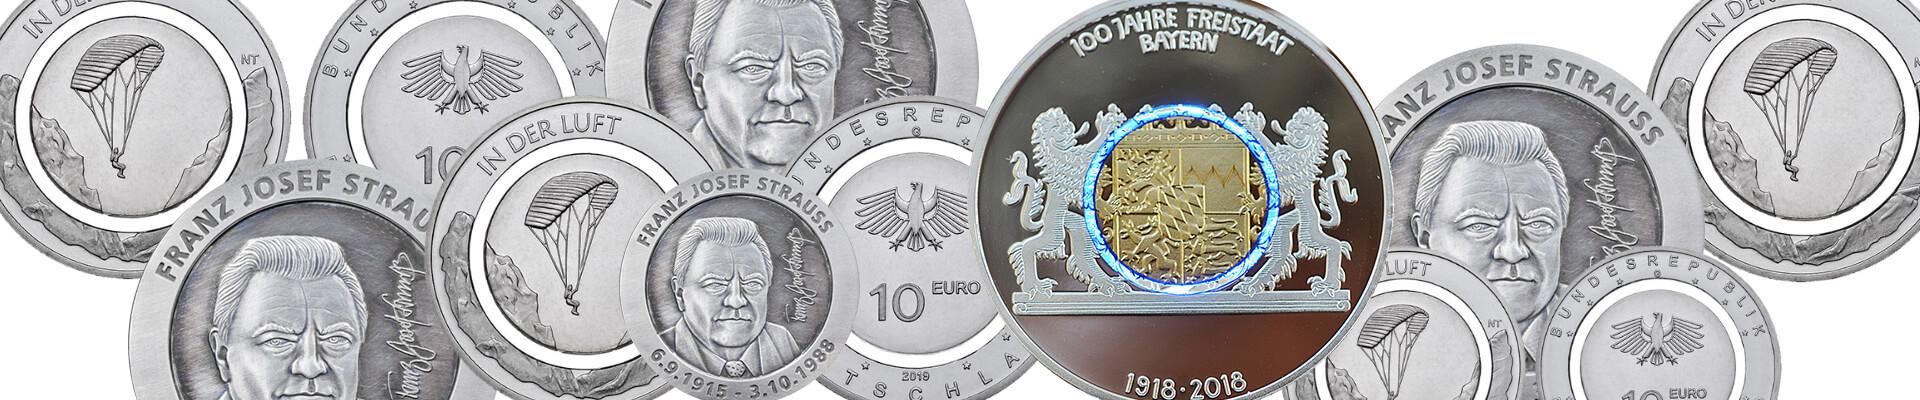 Bayerisches Hauptmünzamt